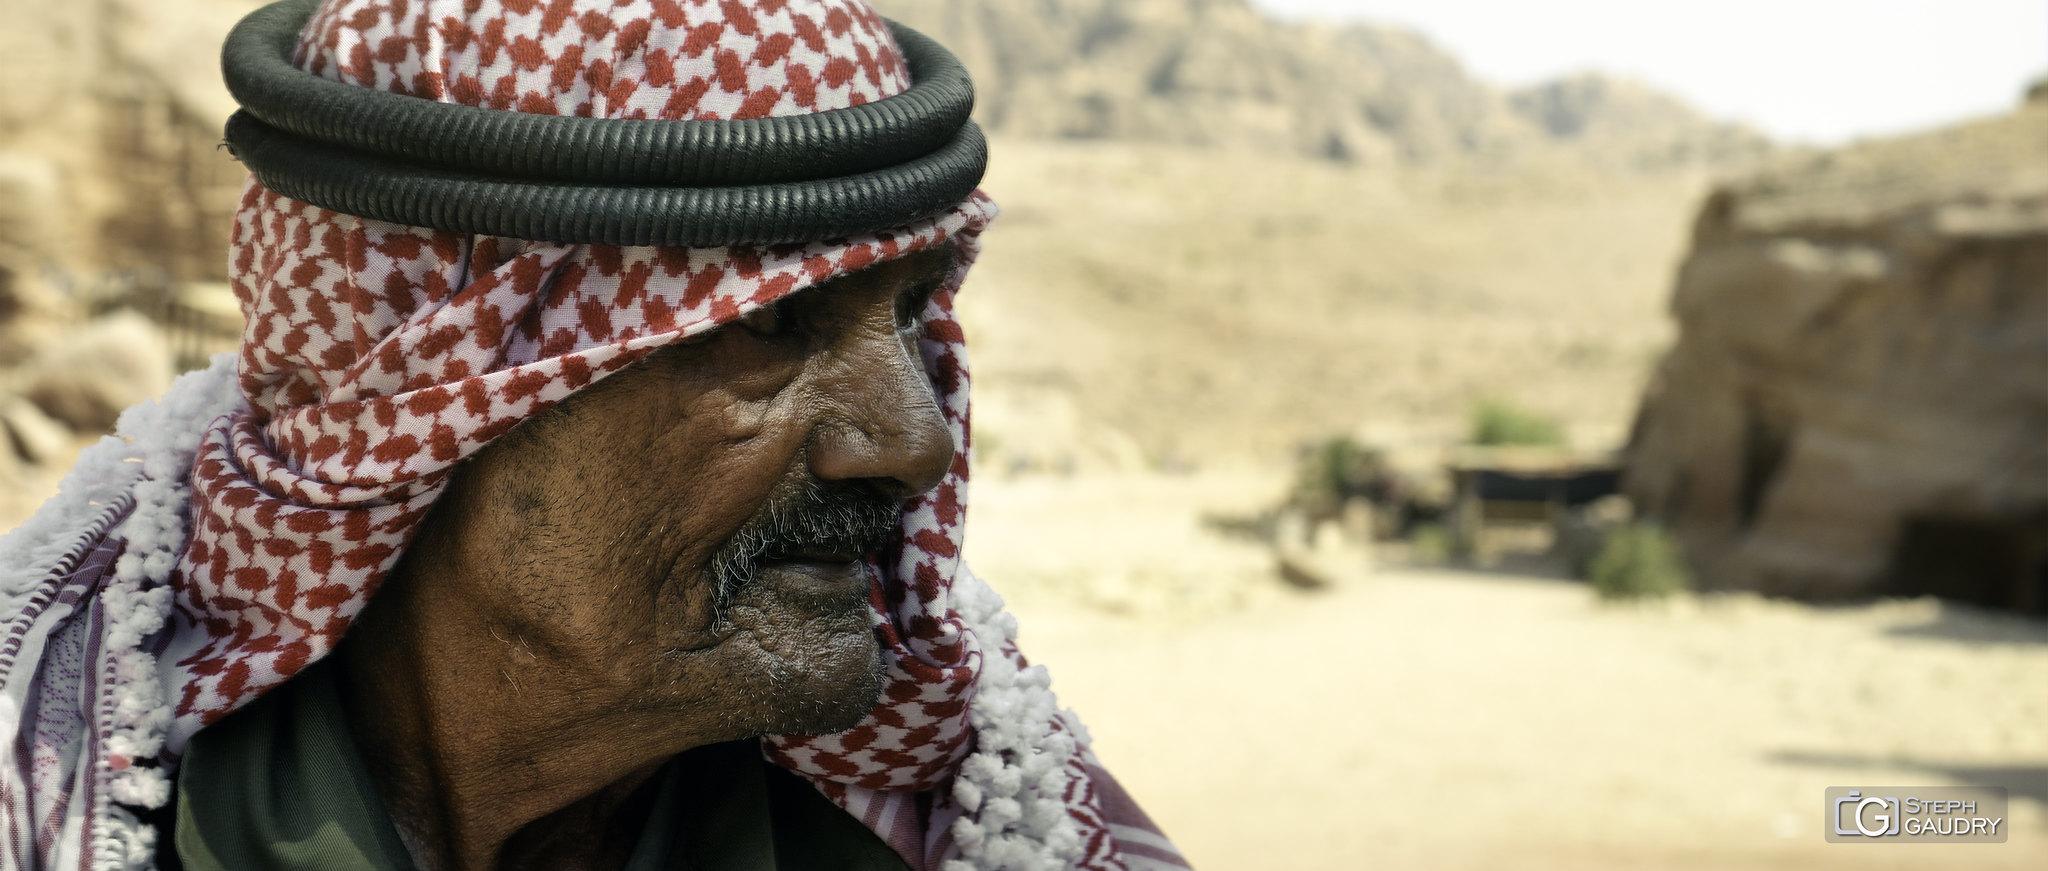 Portrait dans les montagnes d'Edom (JOR)  [Click to start slideshow]